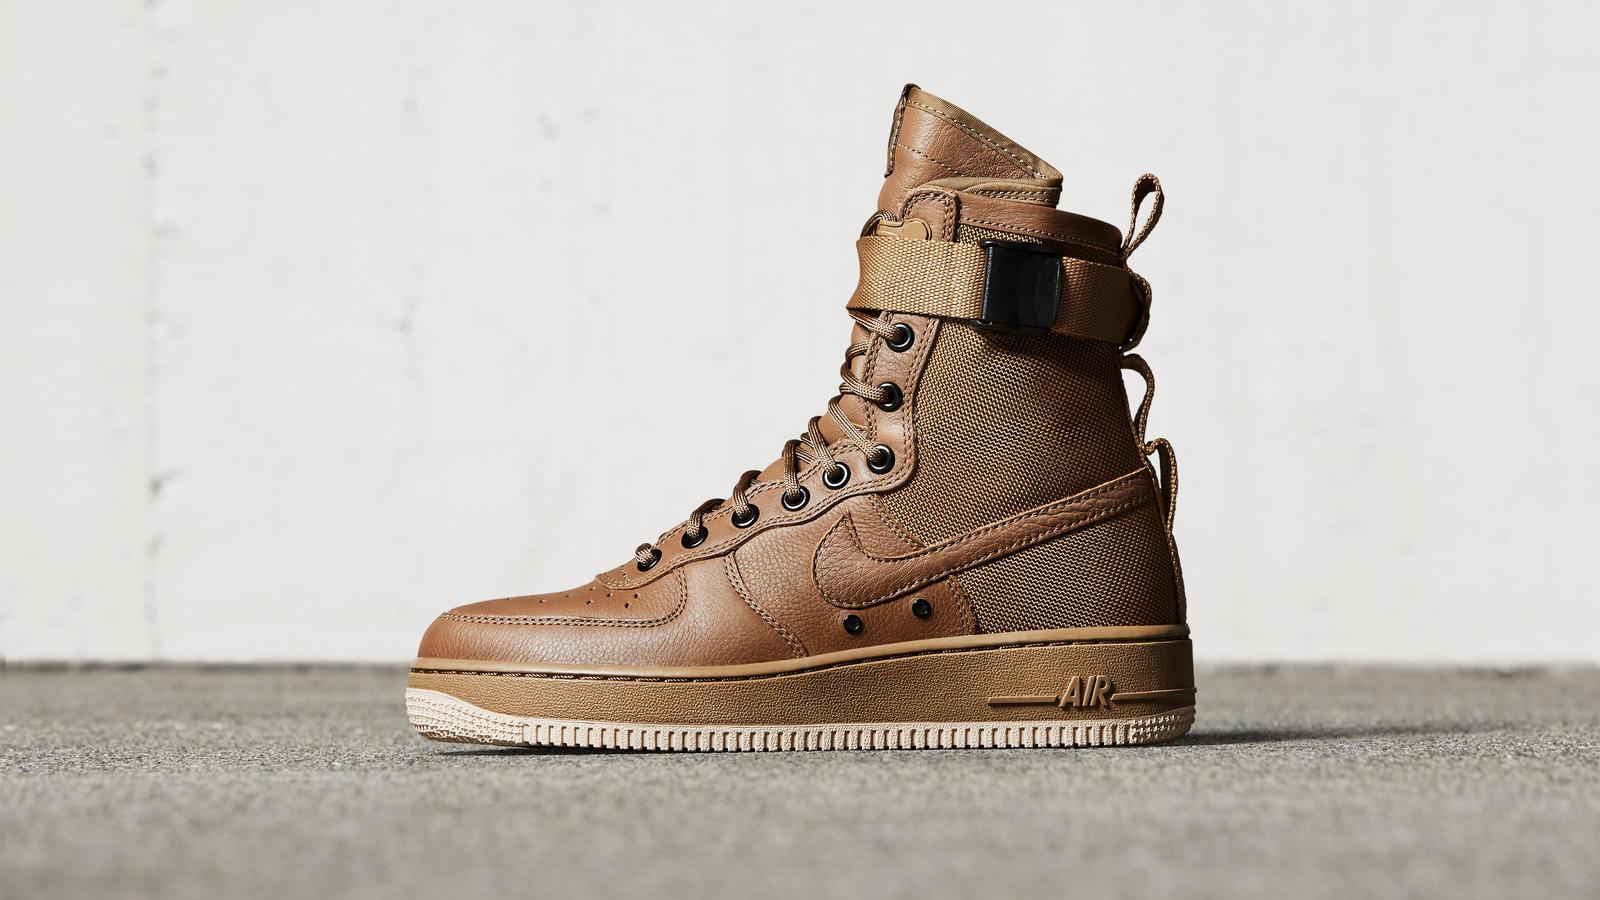 Boot design by nike - 161026_footwear_nsw_p_0256_hd_1600 161026_footwear_nsw_p_0227_hd_1600 161026_footwear_nsw_p_0248_hd_1600 161026_footwear_nsw_p_0242_hd_1600